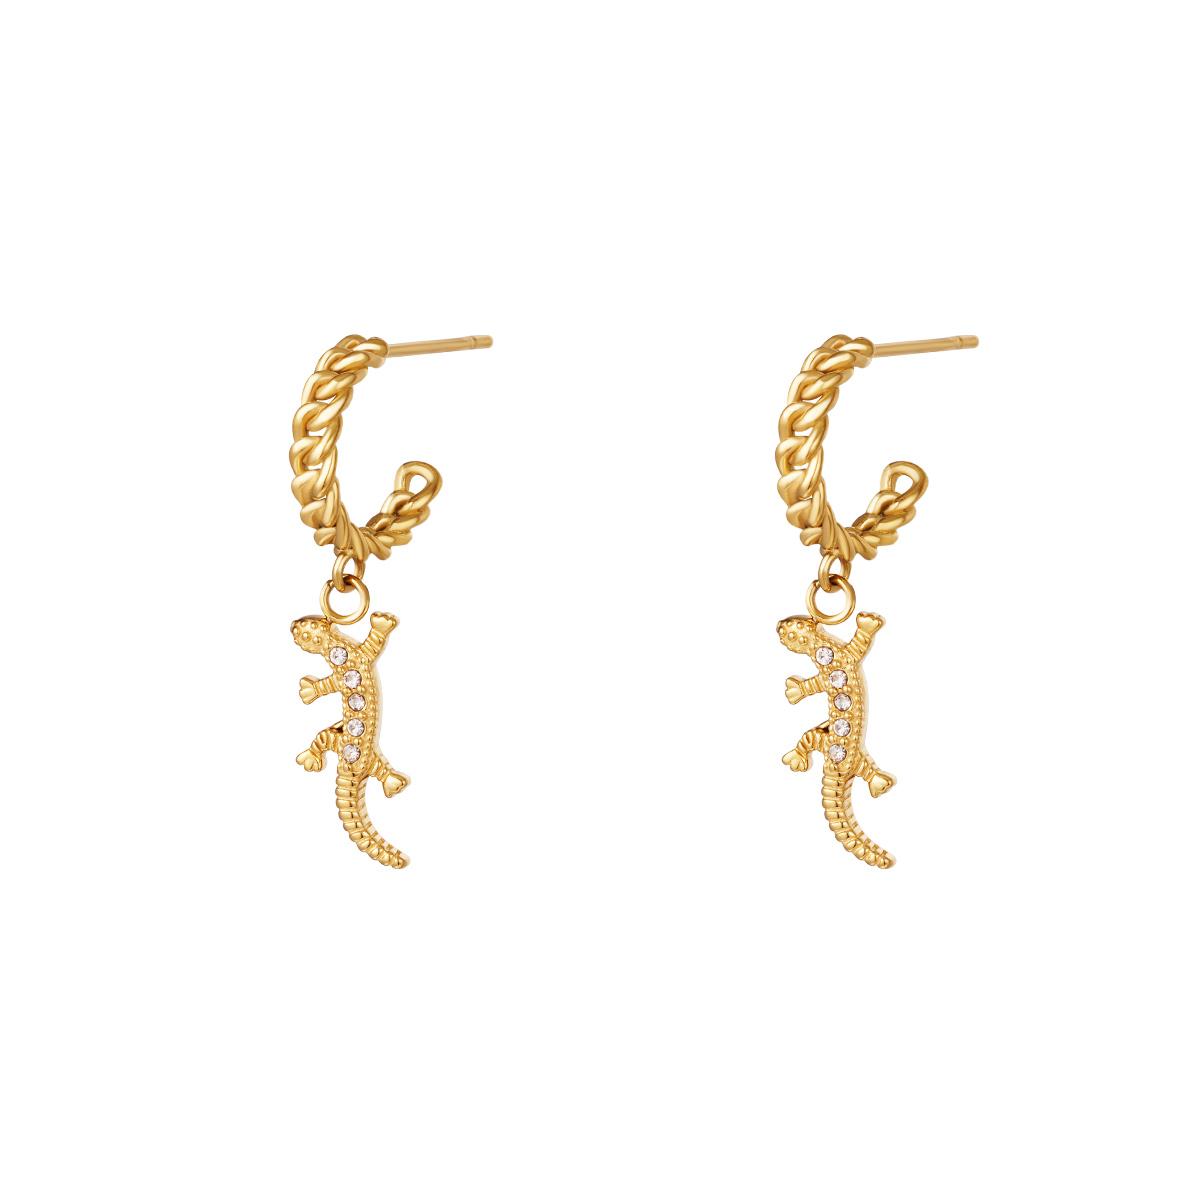 Boucles d'oreilles chaîne charm salamandre